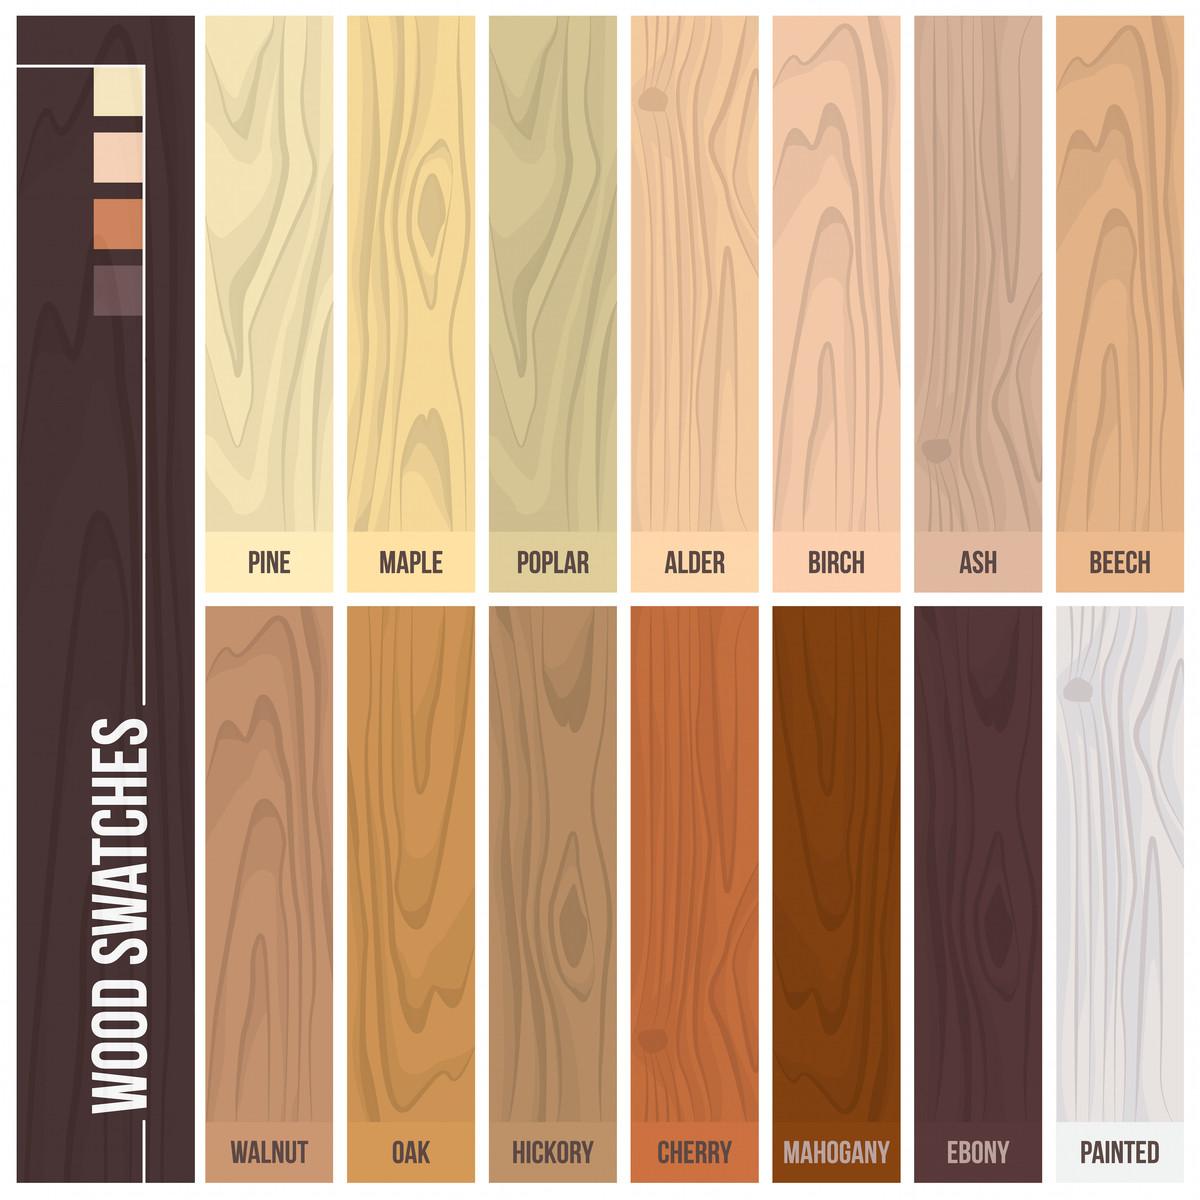 maple hardwood flooring colors of 12 types of hardwood flooring species styles edging dimensions with regard to types of hardwood flooring illustrated guide